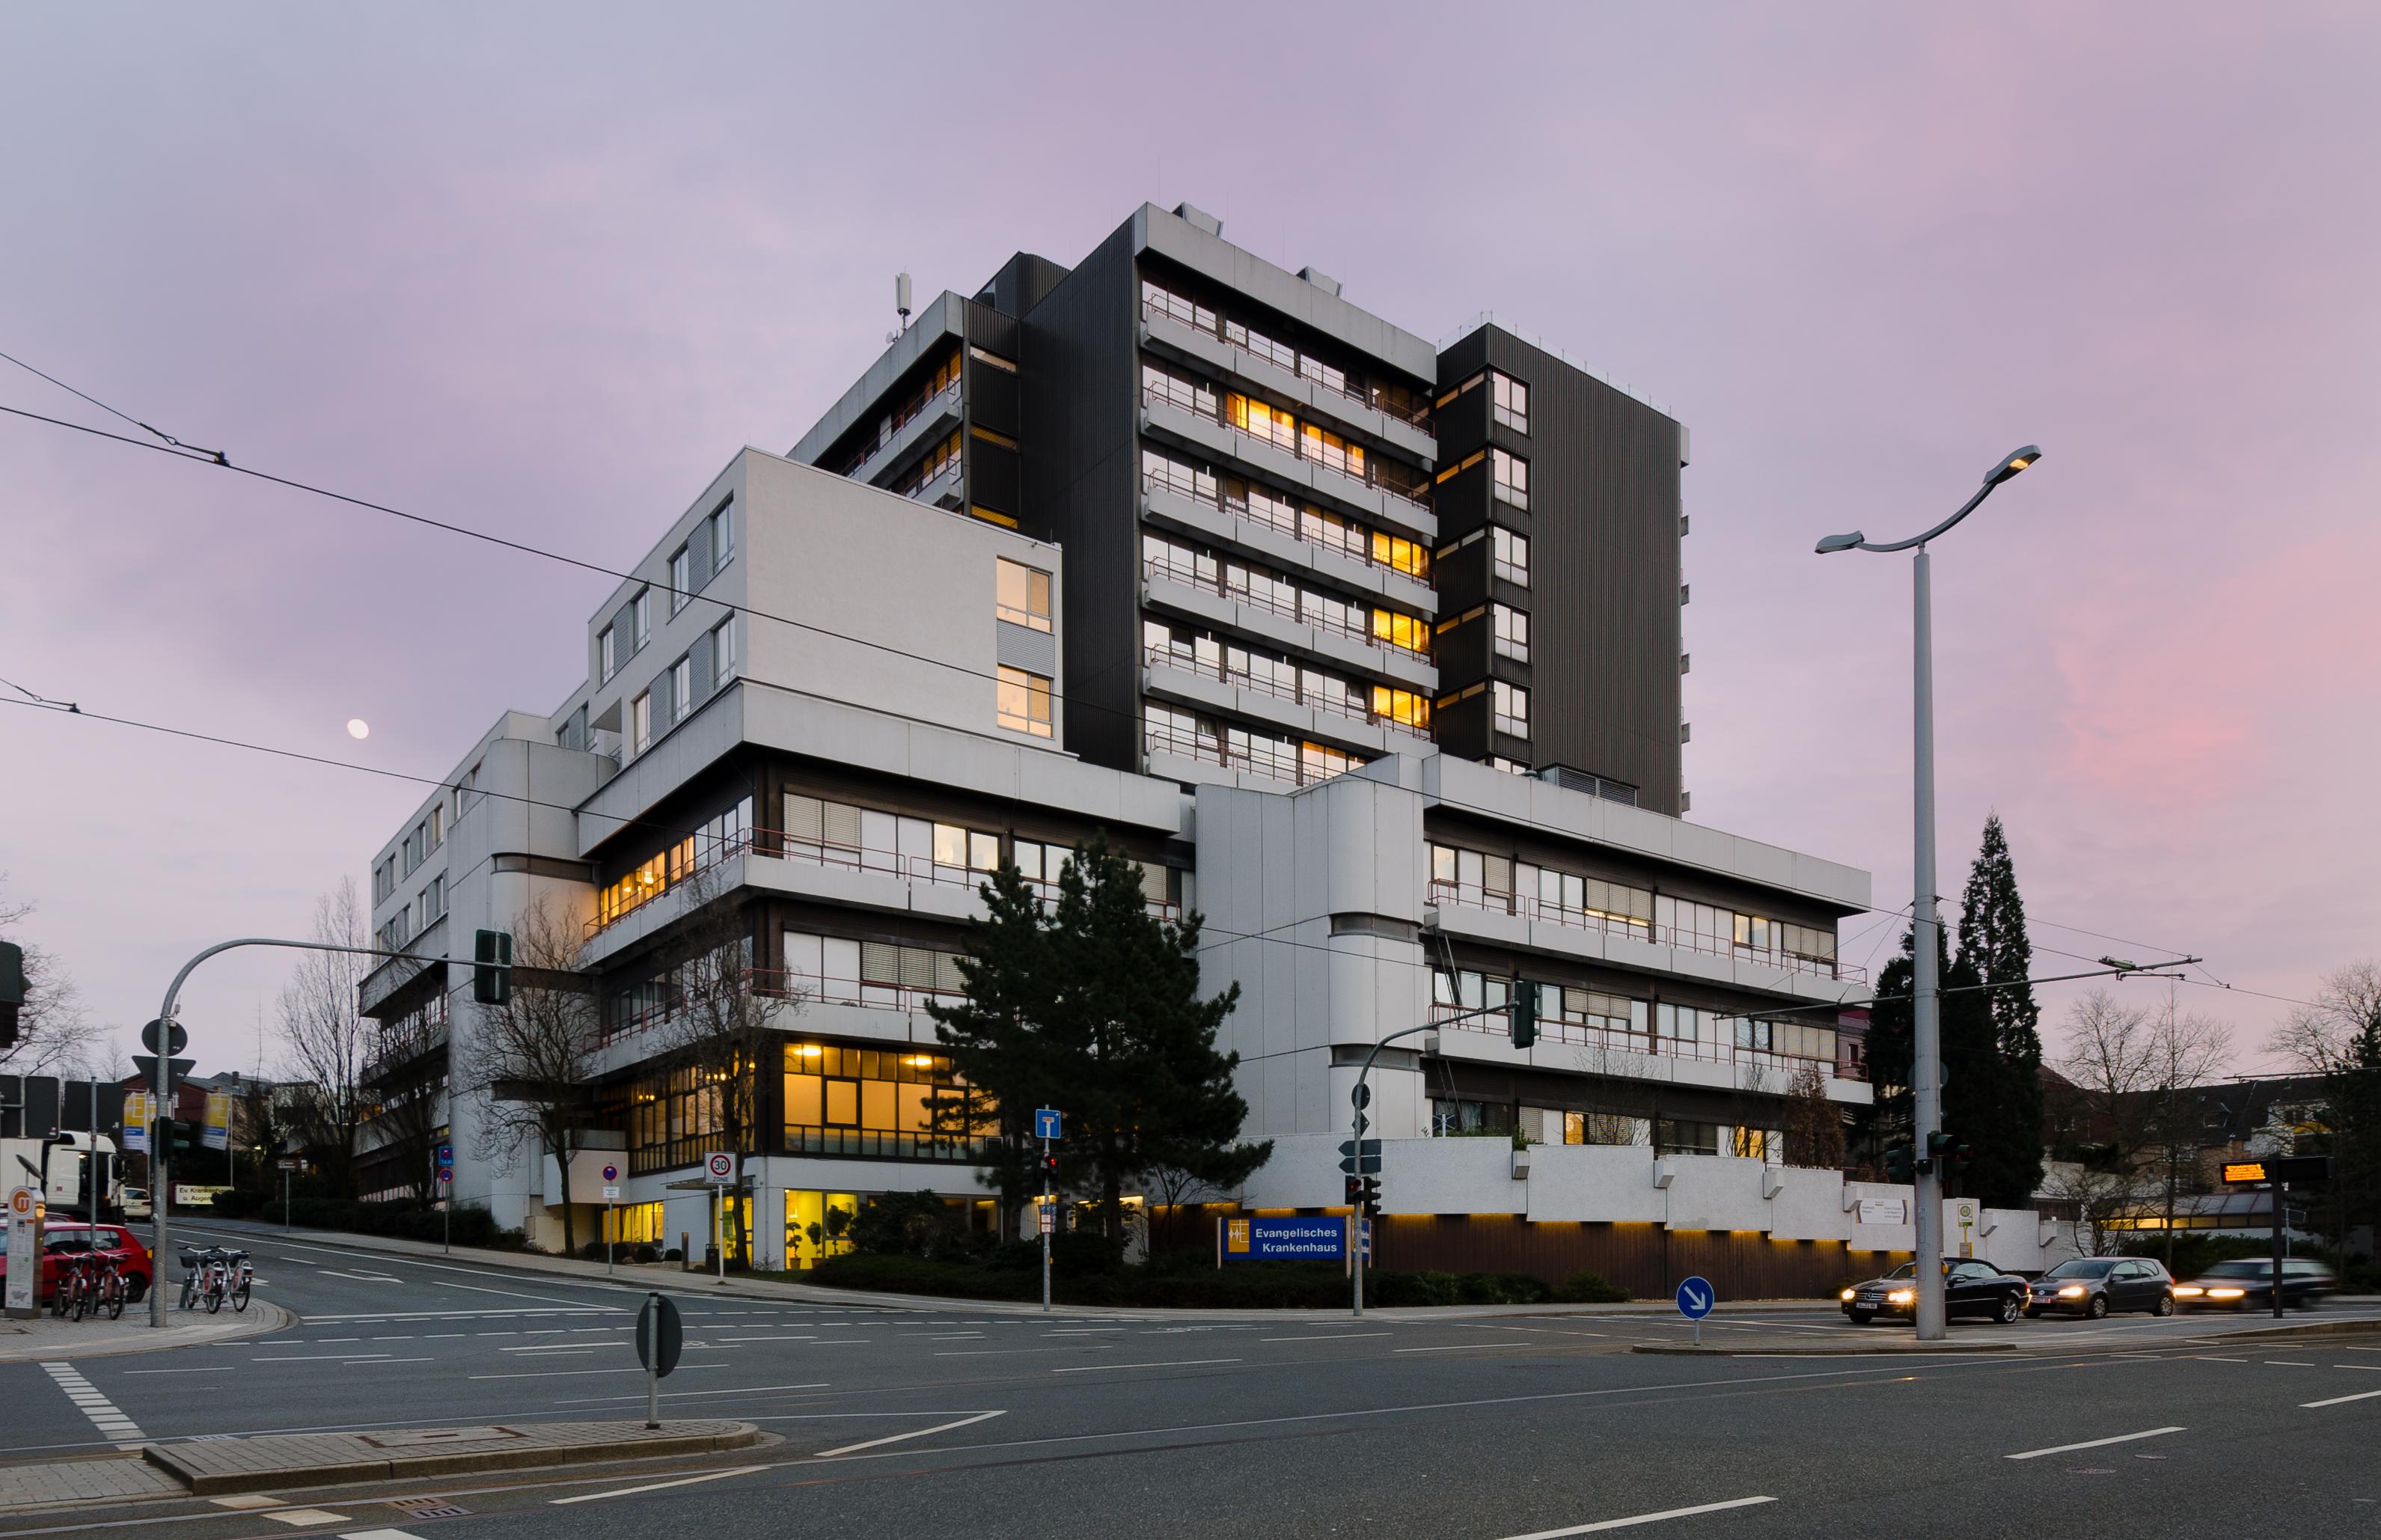 Dateievangelisches Krankenhaus Muelheim Abends 2013jpg Wikipedia